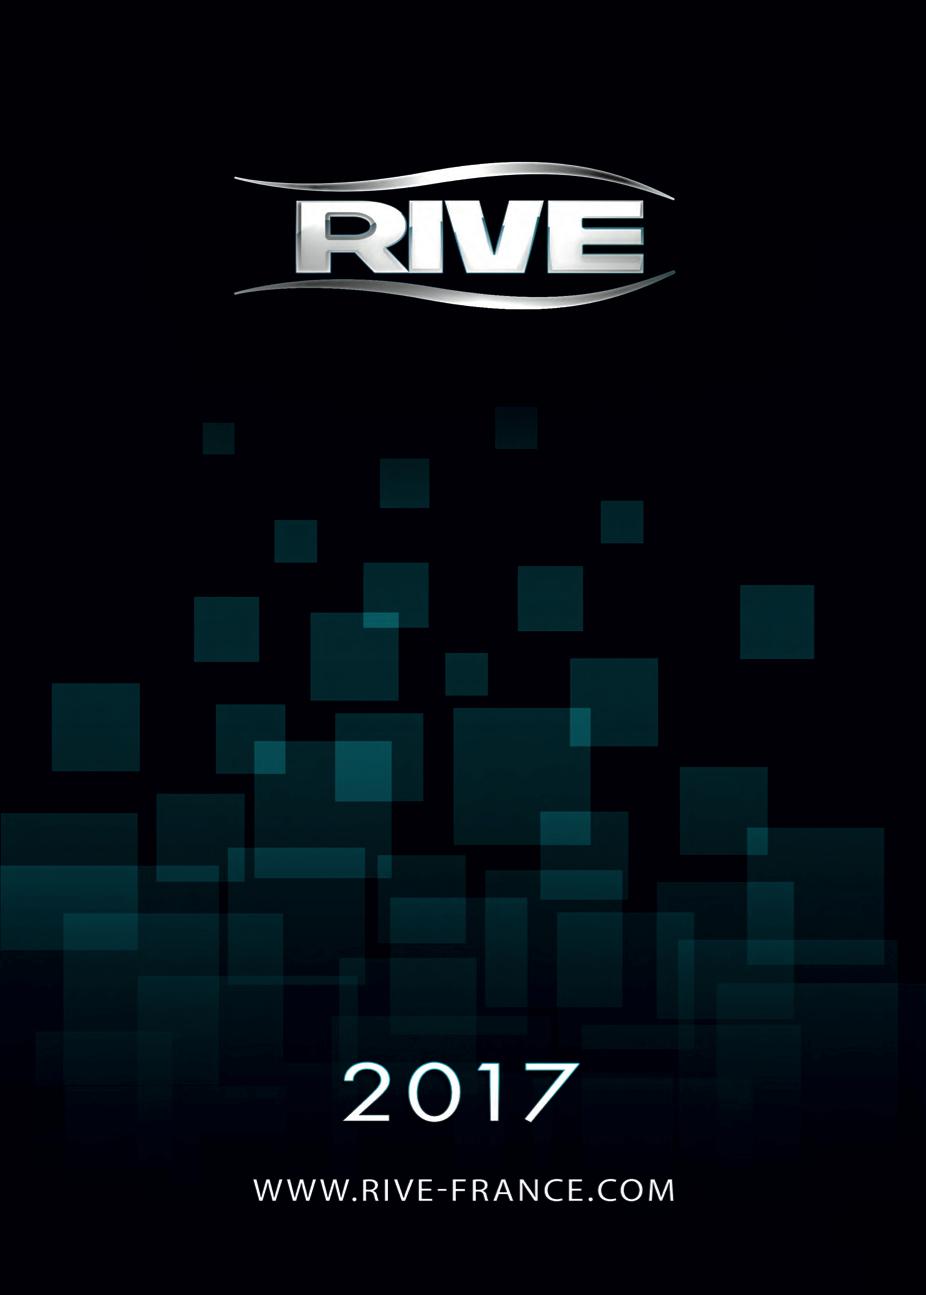 rive-2017